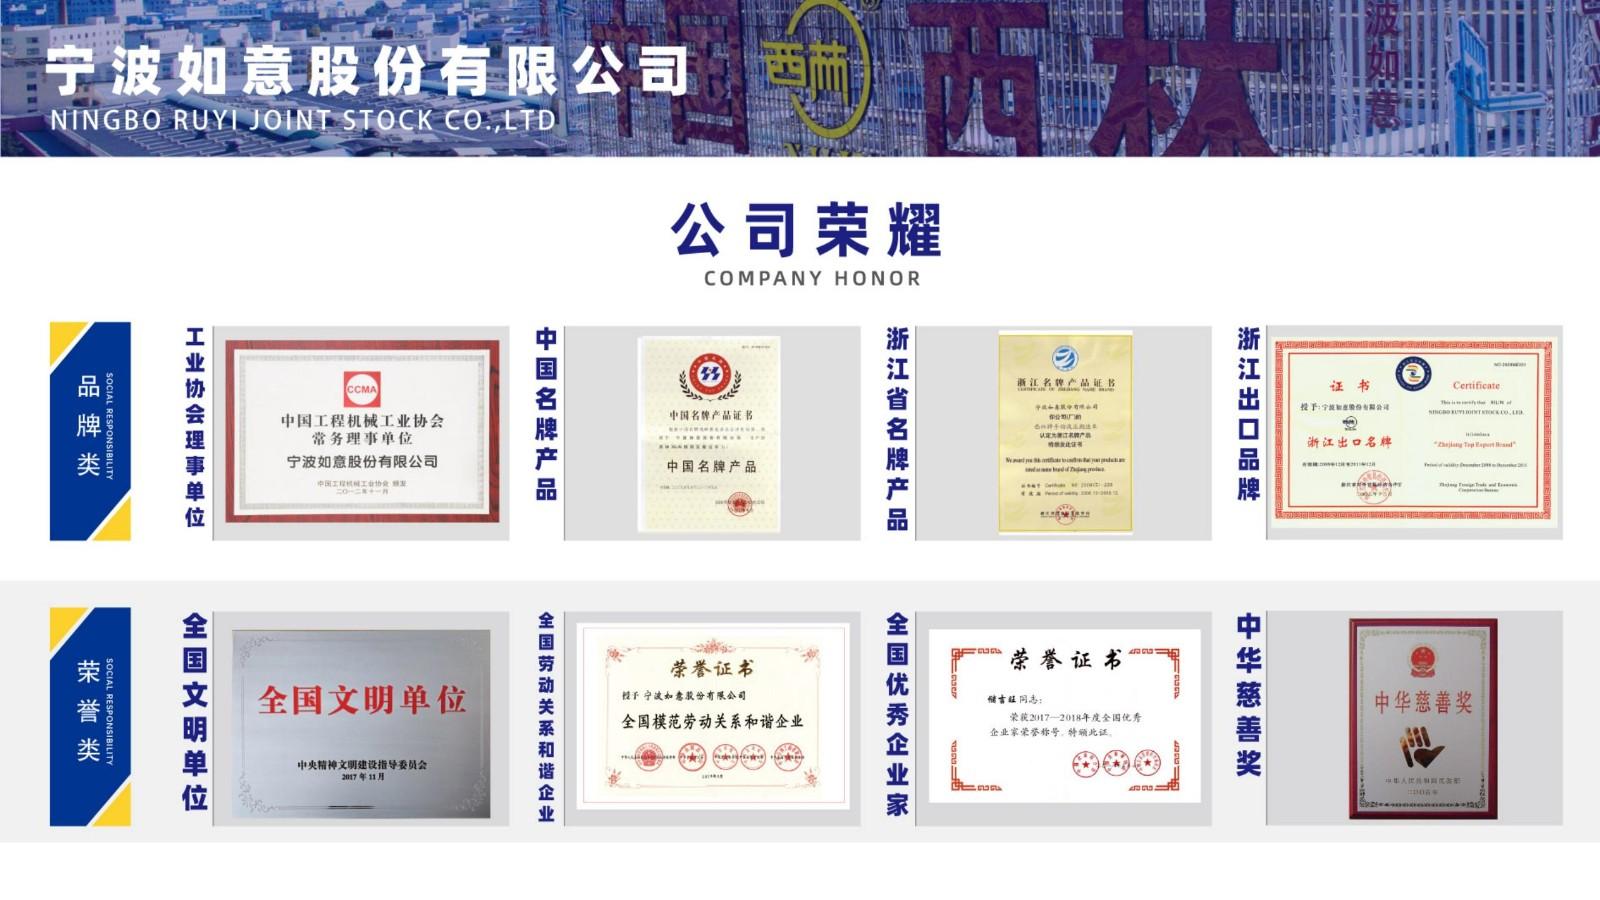 【西林bet9网站app】一站式仓储物流解决方案 lk 2021-8-25_03.jpg